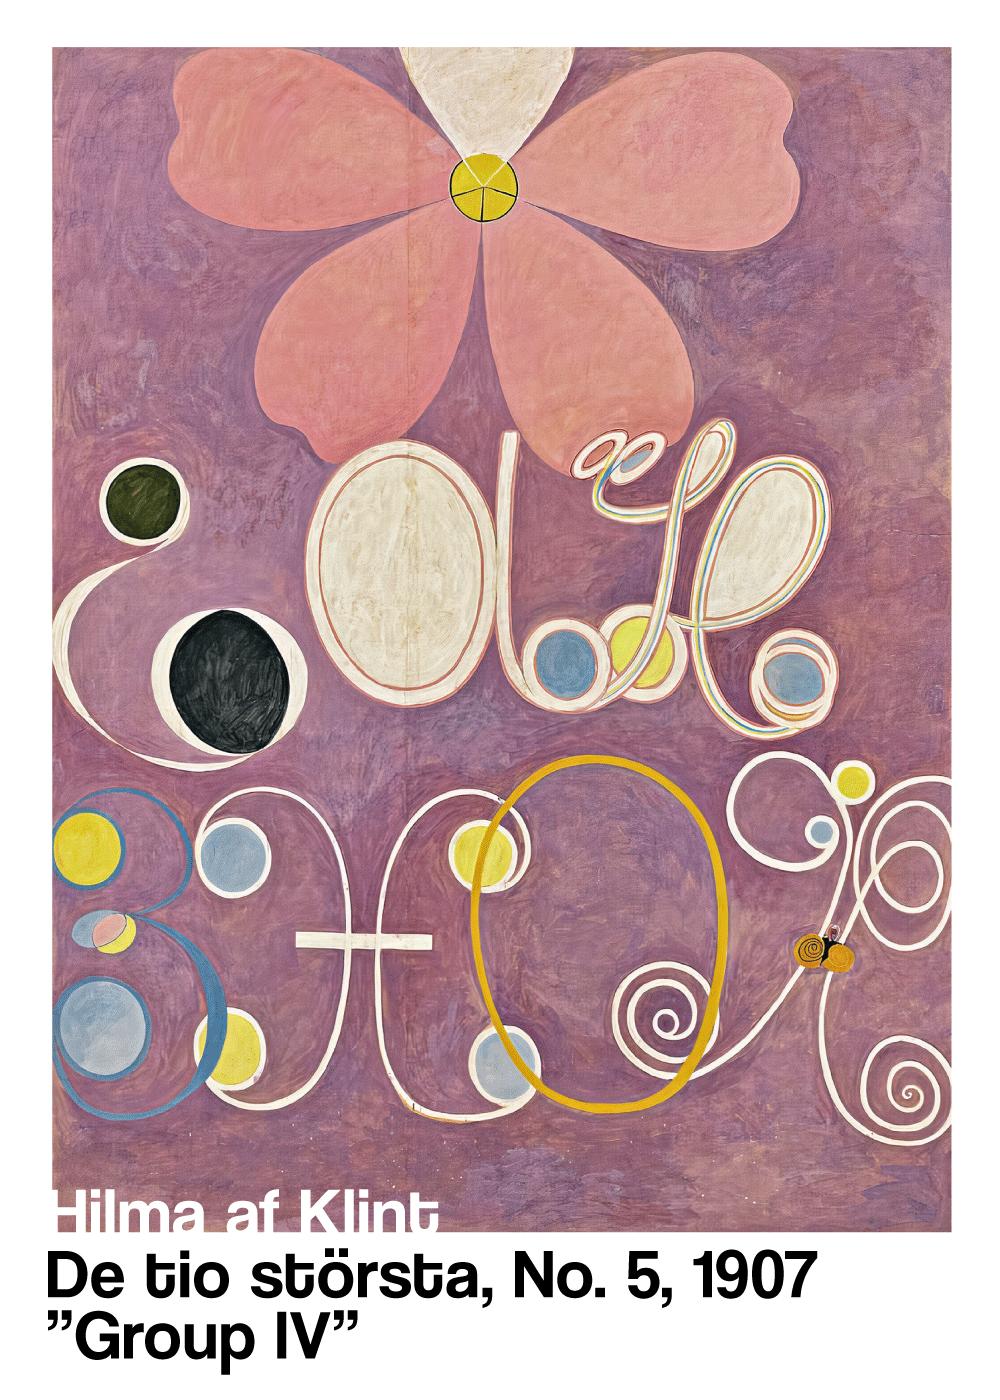 Billede af De tio störste No. 5 - Hilma af Klint kunstplakat